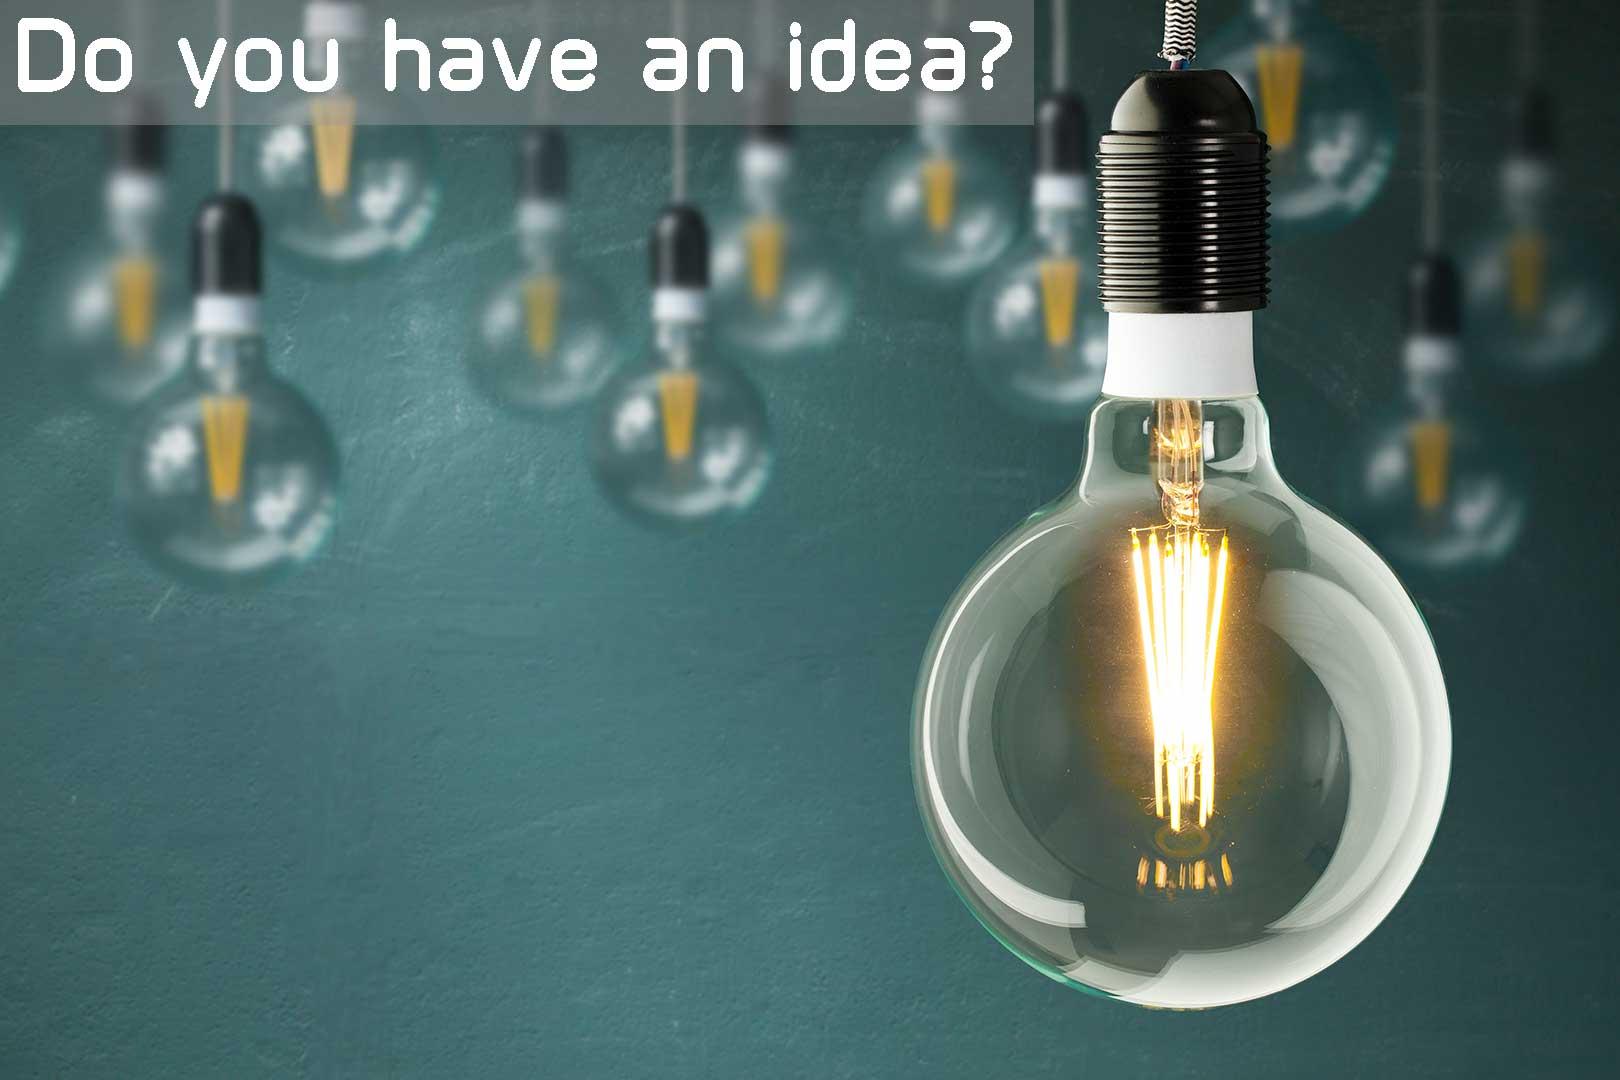 Have an idea?